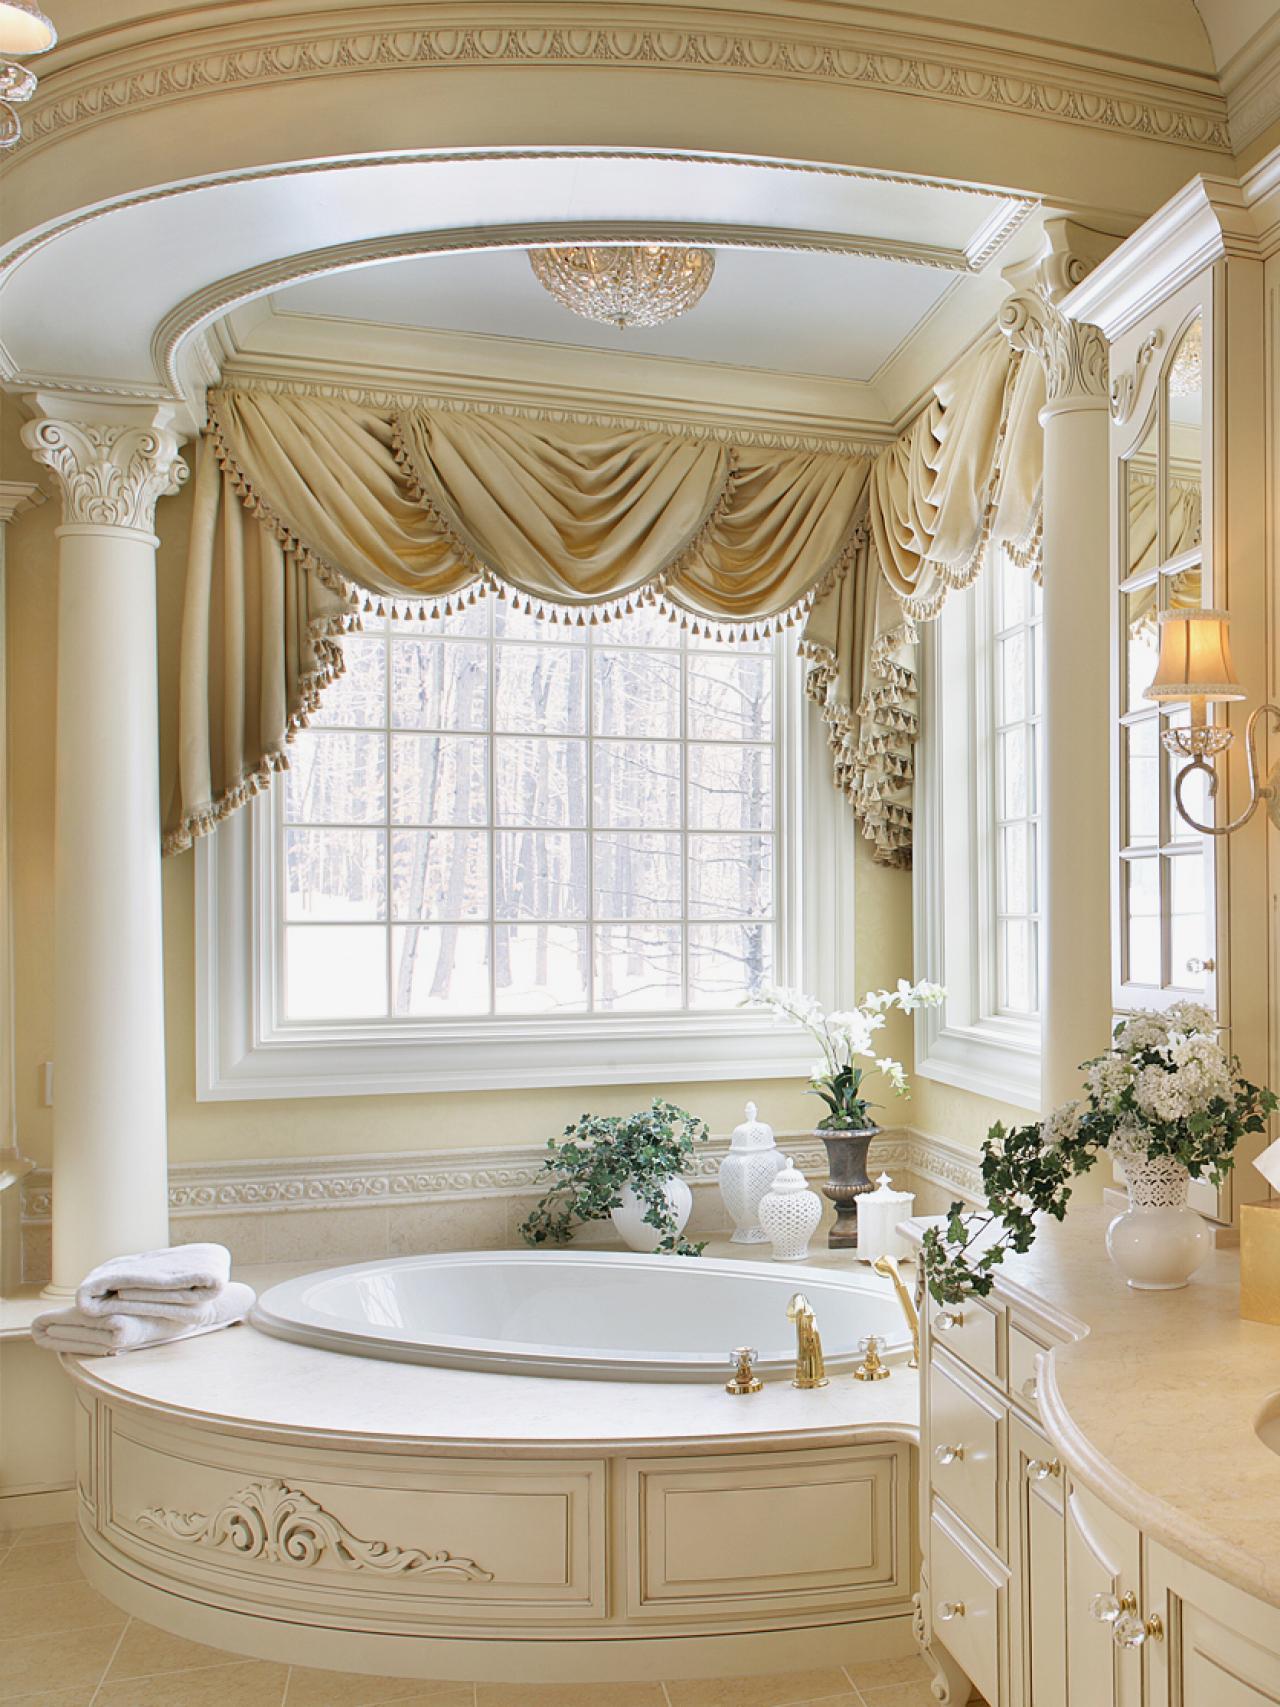 Большая ванная классическая с колоннами